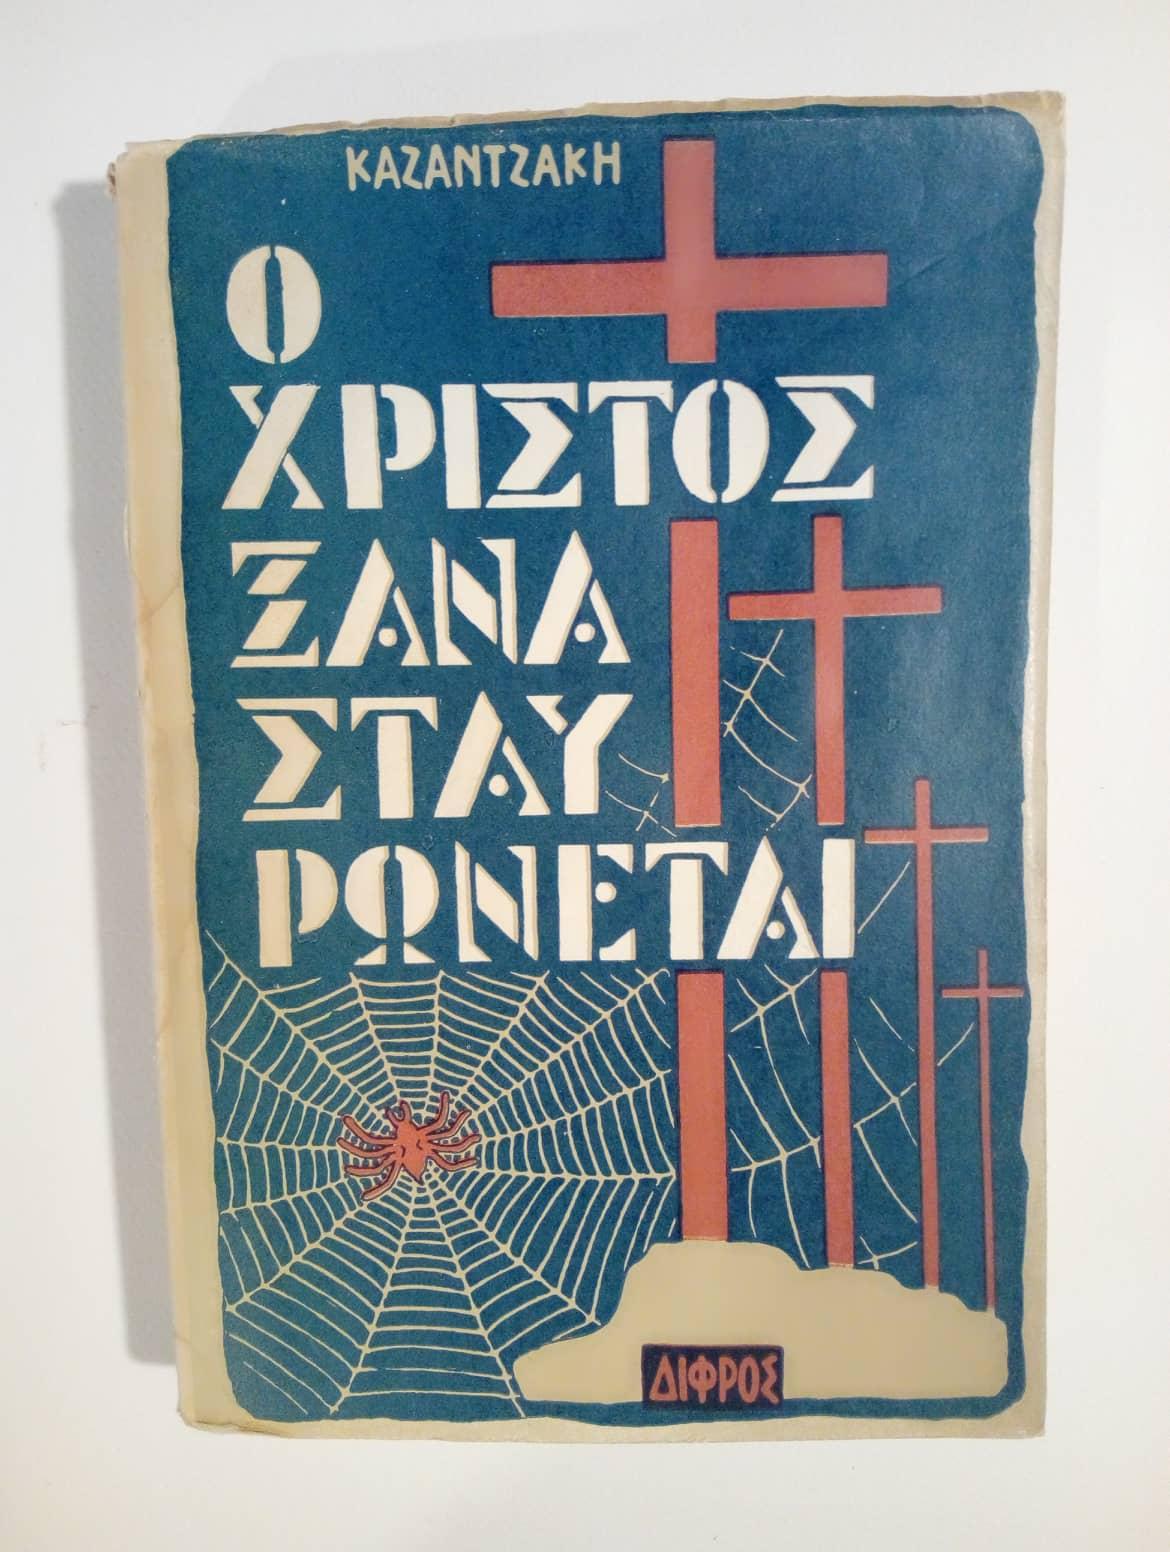 Ο Χριστός ξανασταυρώνεται Νίκος Καζαντζάκης  Έ έκδοση Δίφρος  1957